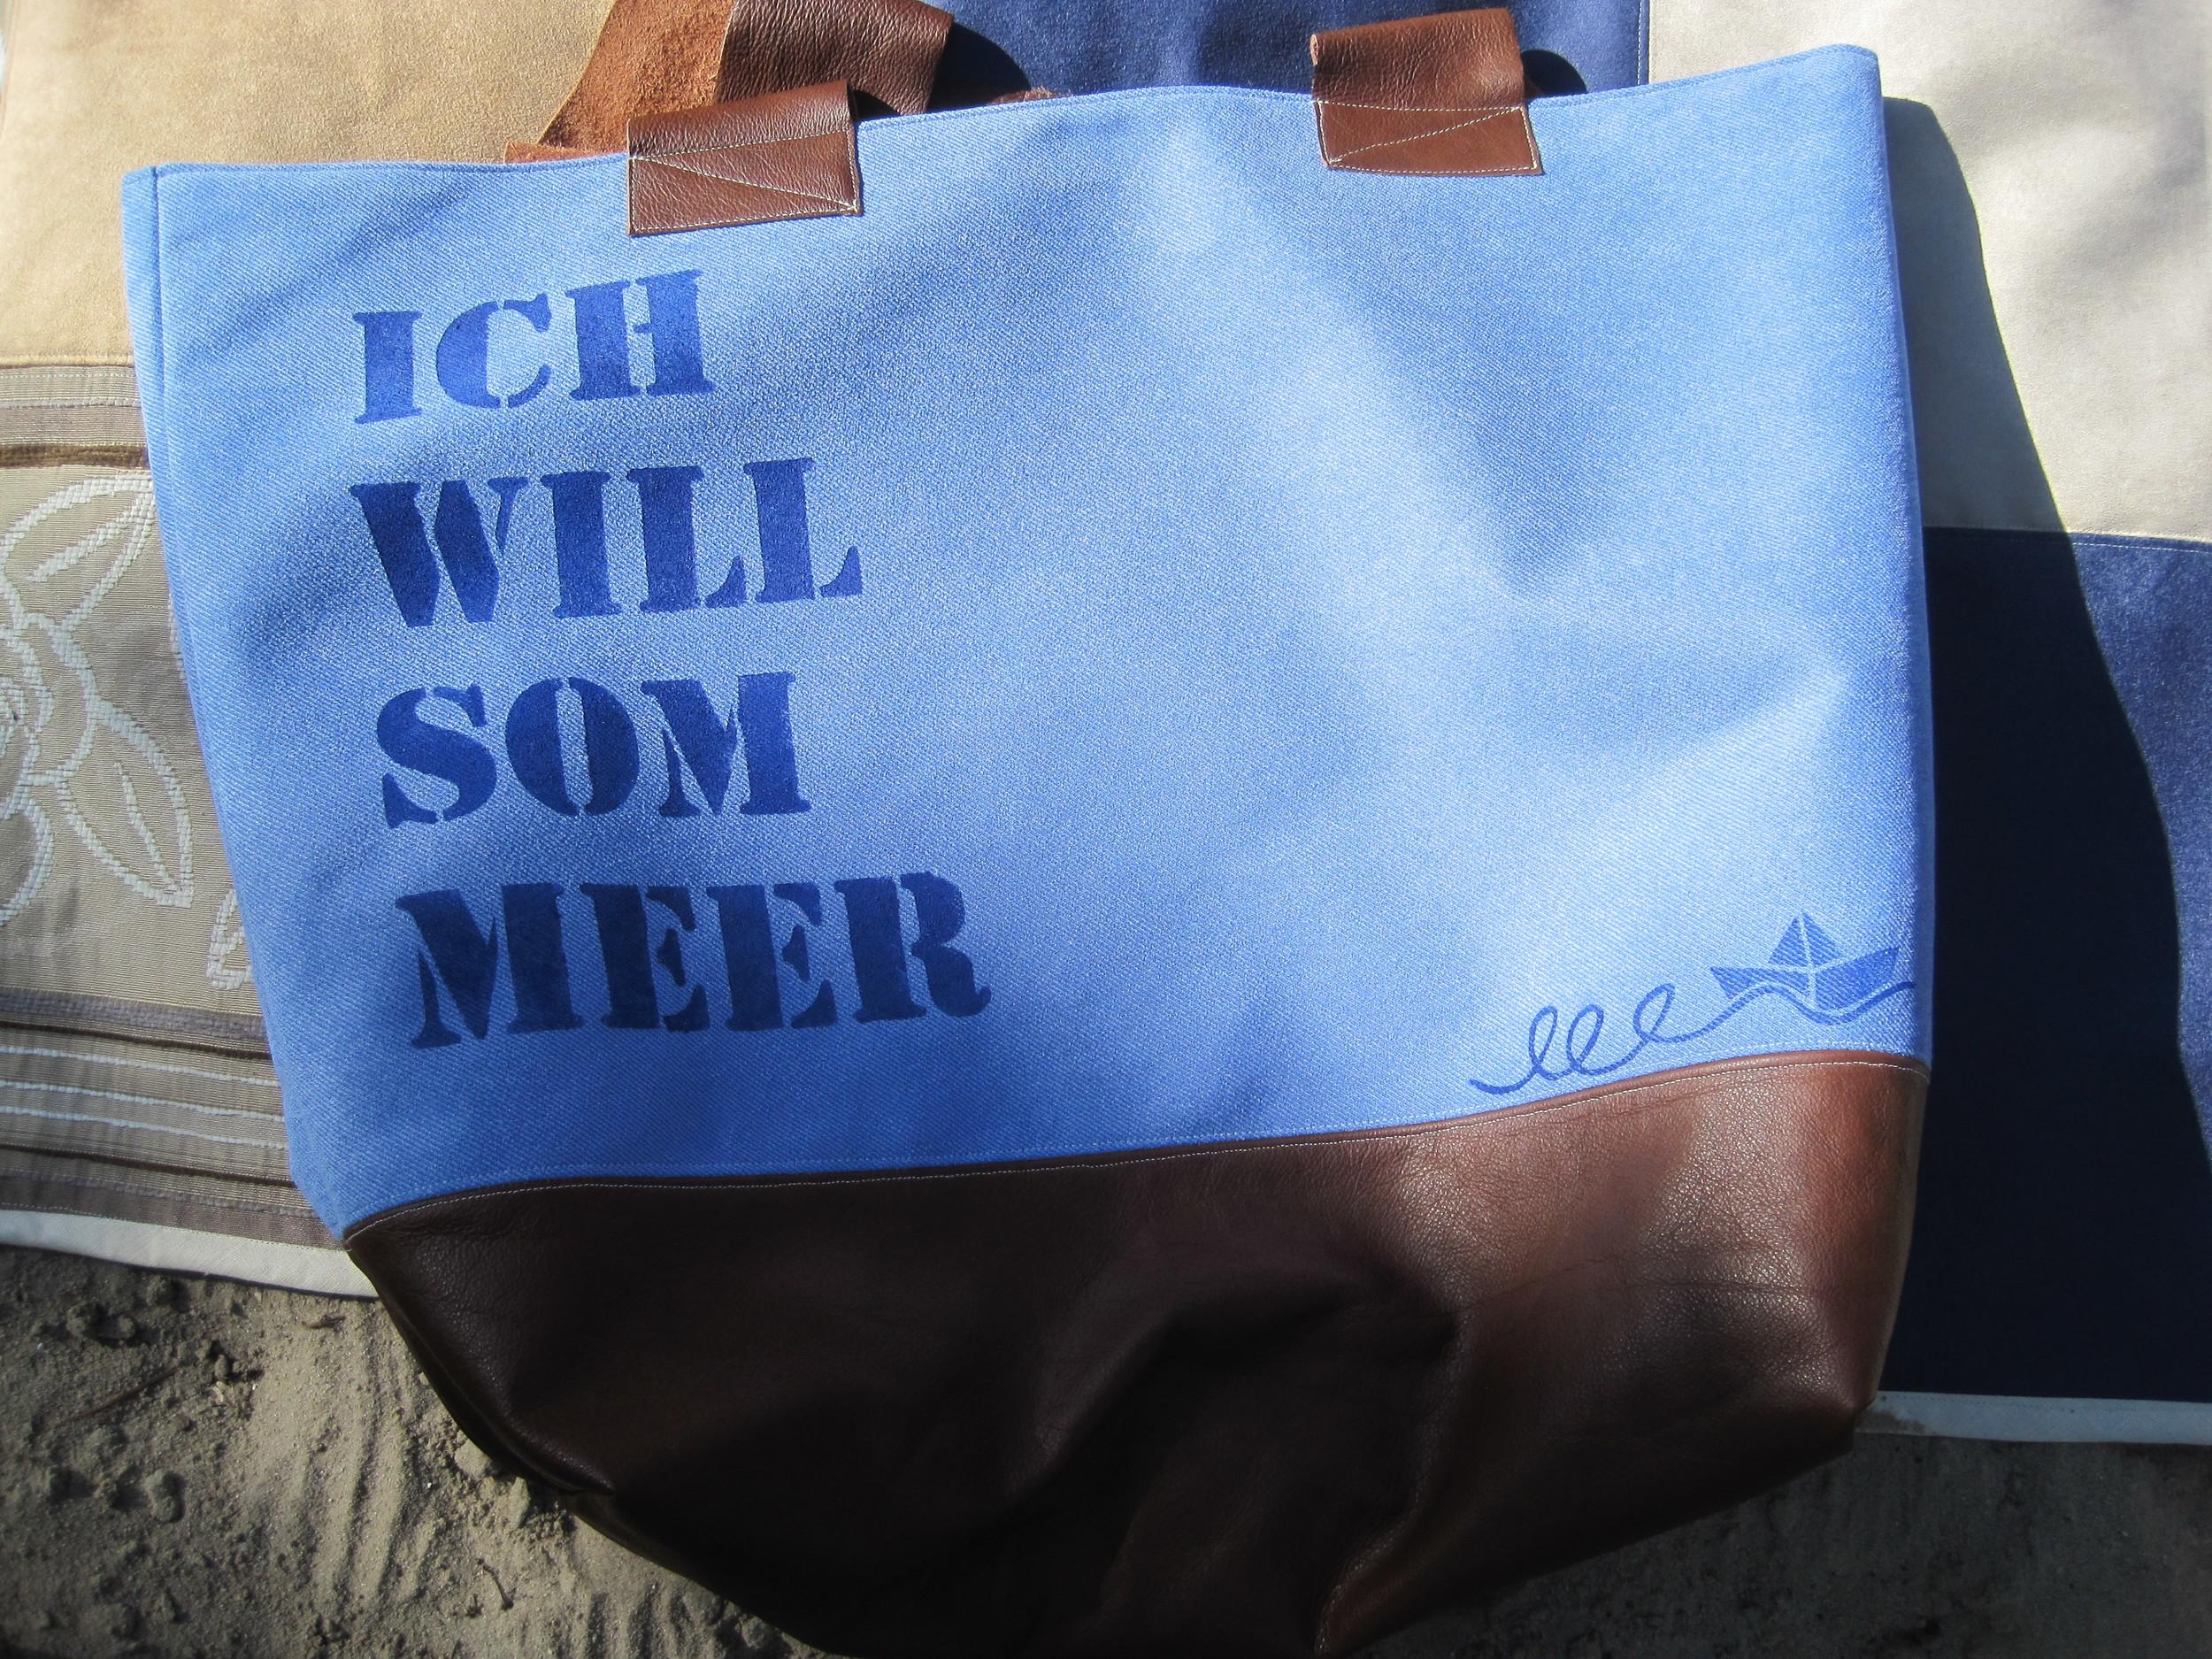 Strandtasche mit Ledereinsatz, 49,-€